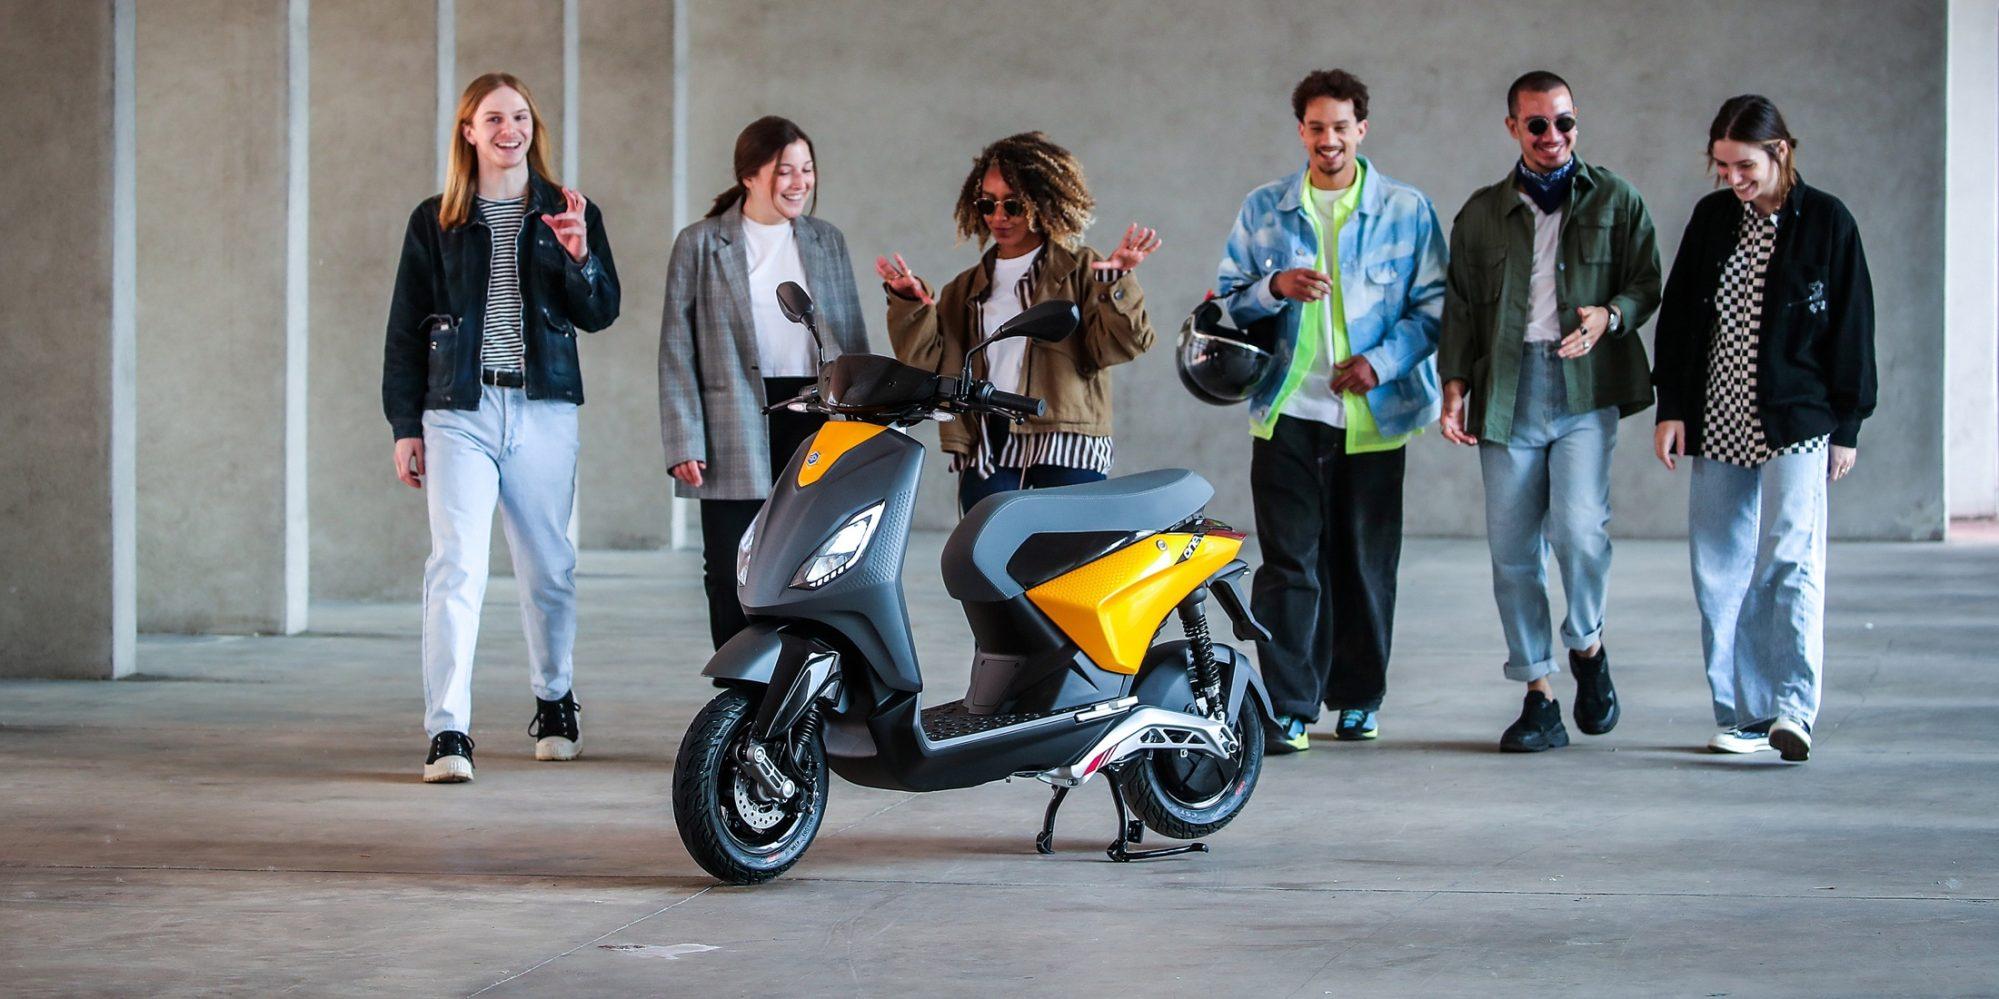 Piaggio One électrique : le plein de technologies pour séduire les jeunes